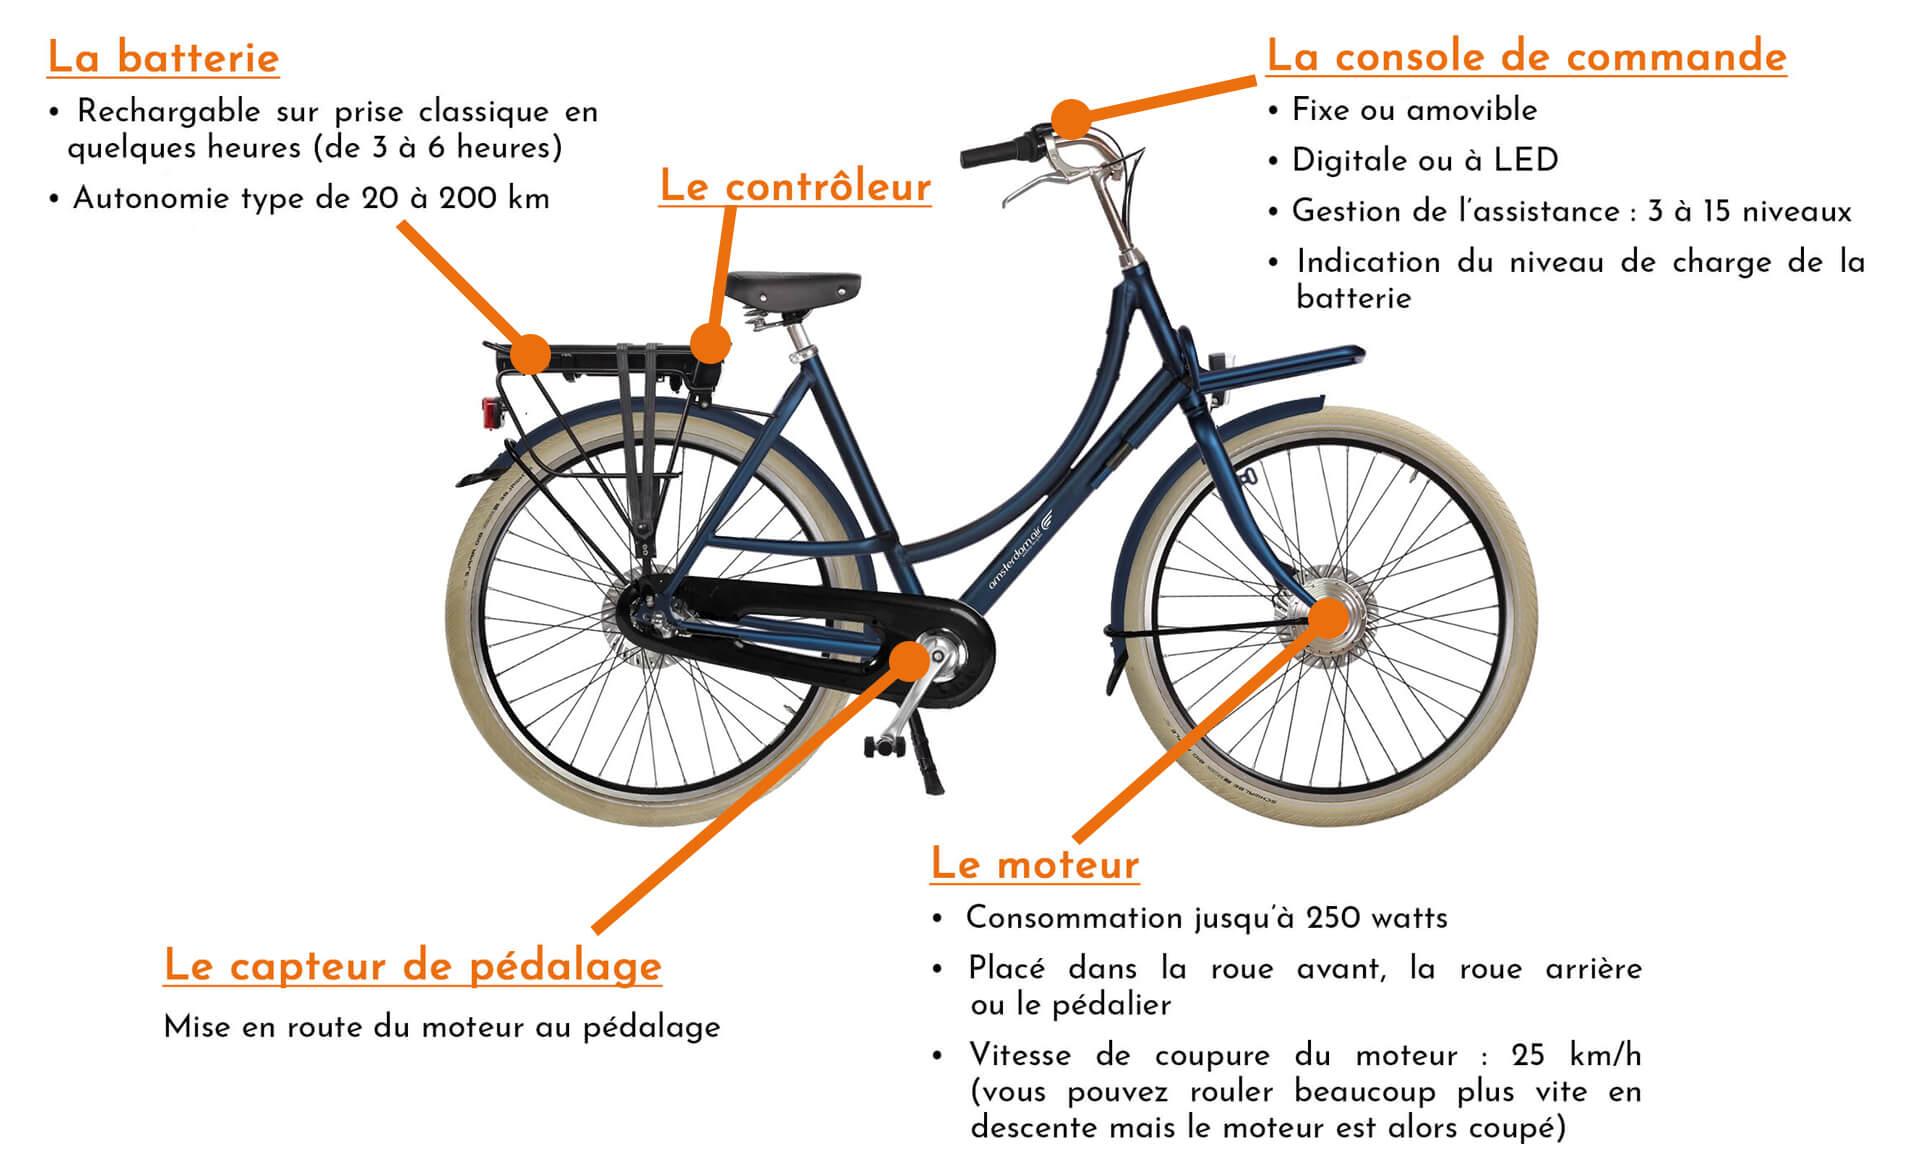 Les composants clés d'un vélo assistance électrique